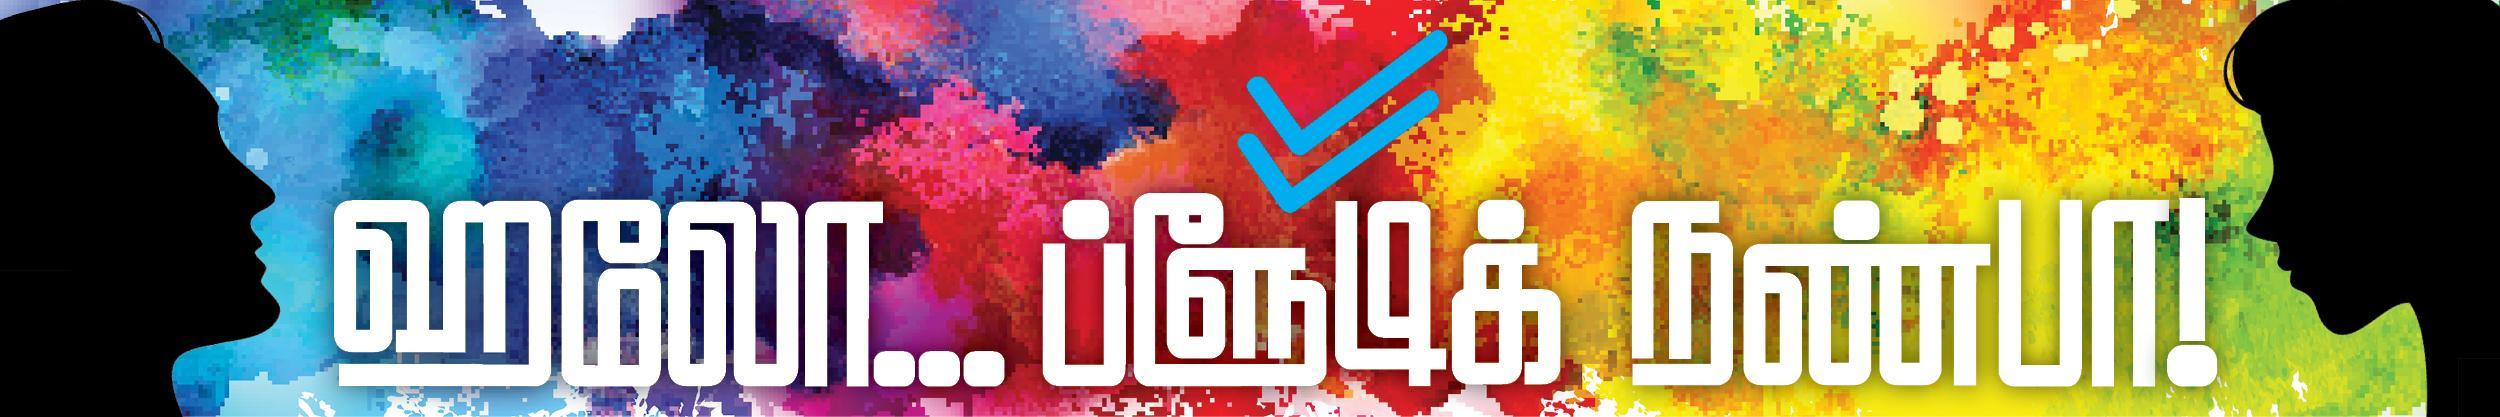 Hello Bluetick Nanba -  விஜய் சேதுபதி